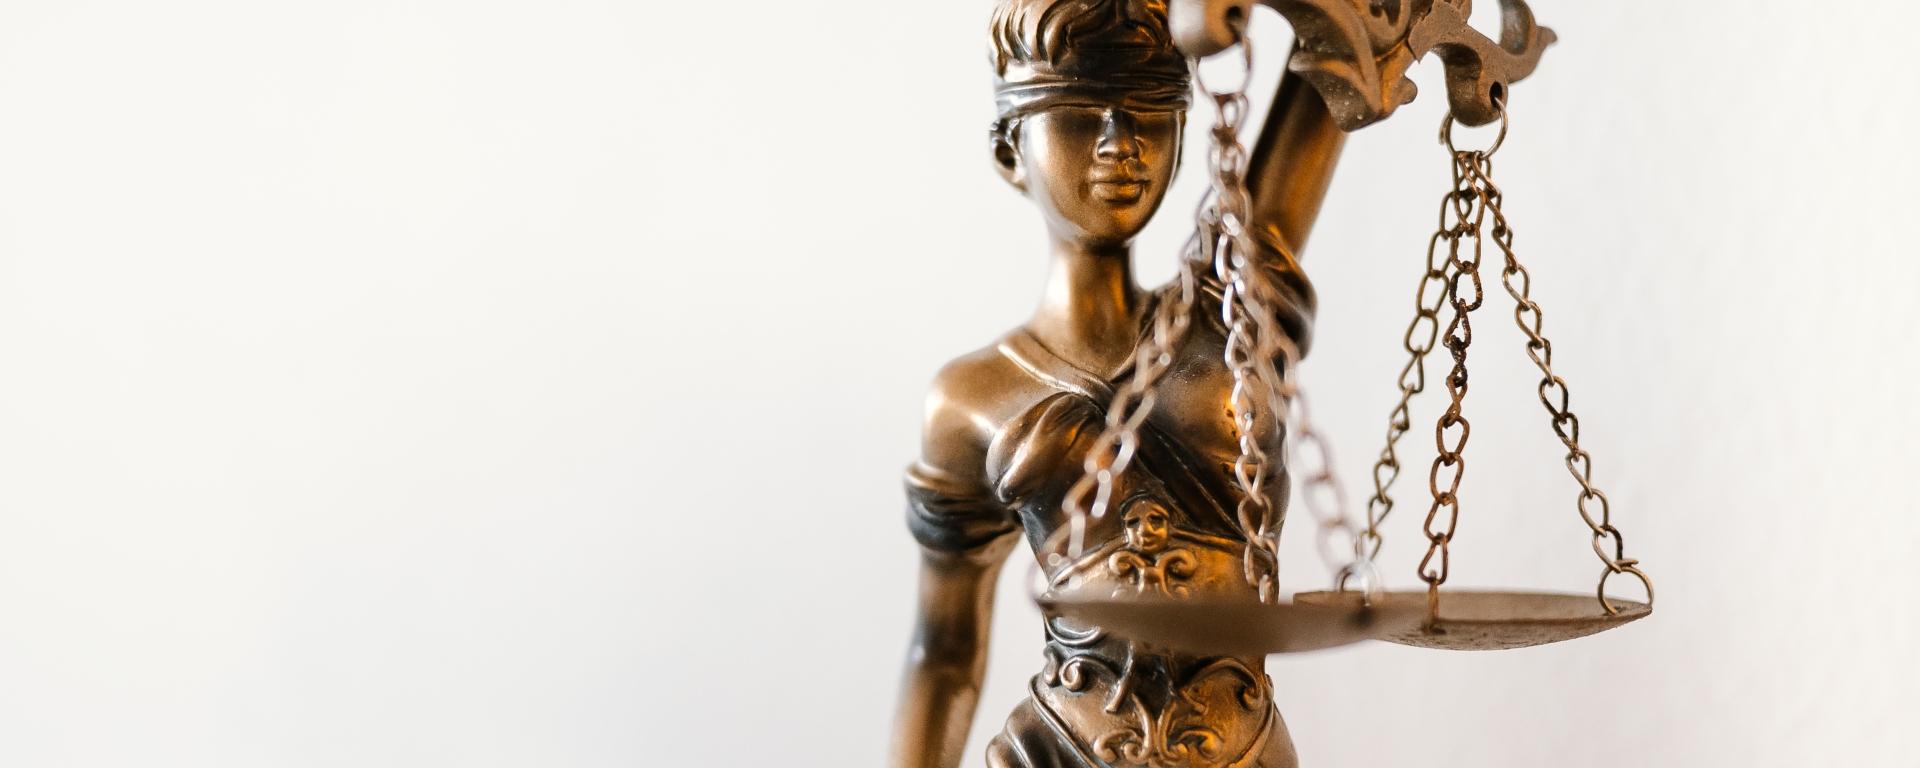 les 21 lois du leadership formation leadership comment devenir un leader yaounde douala